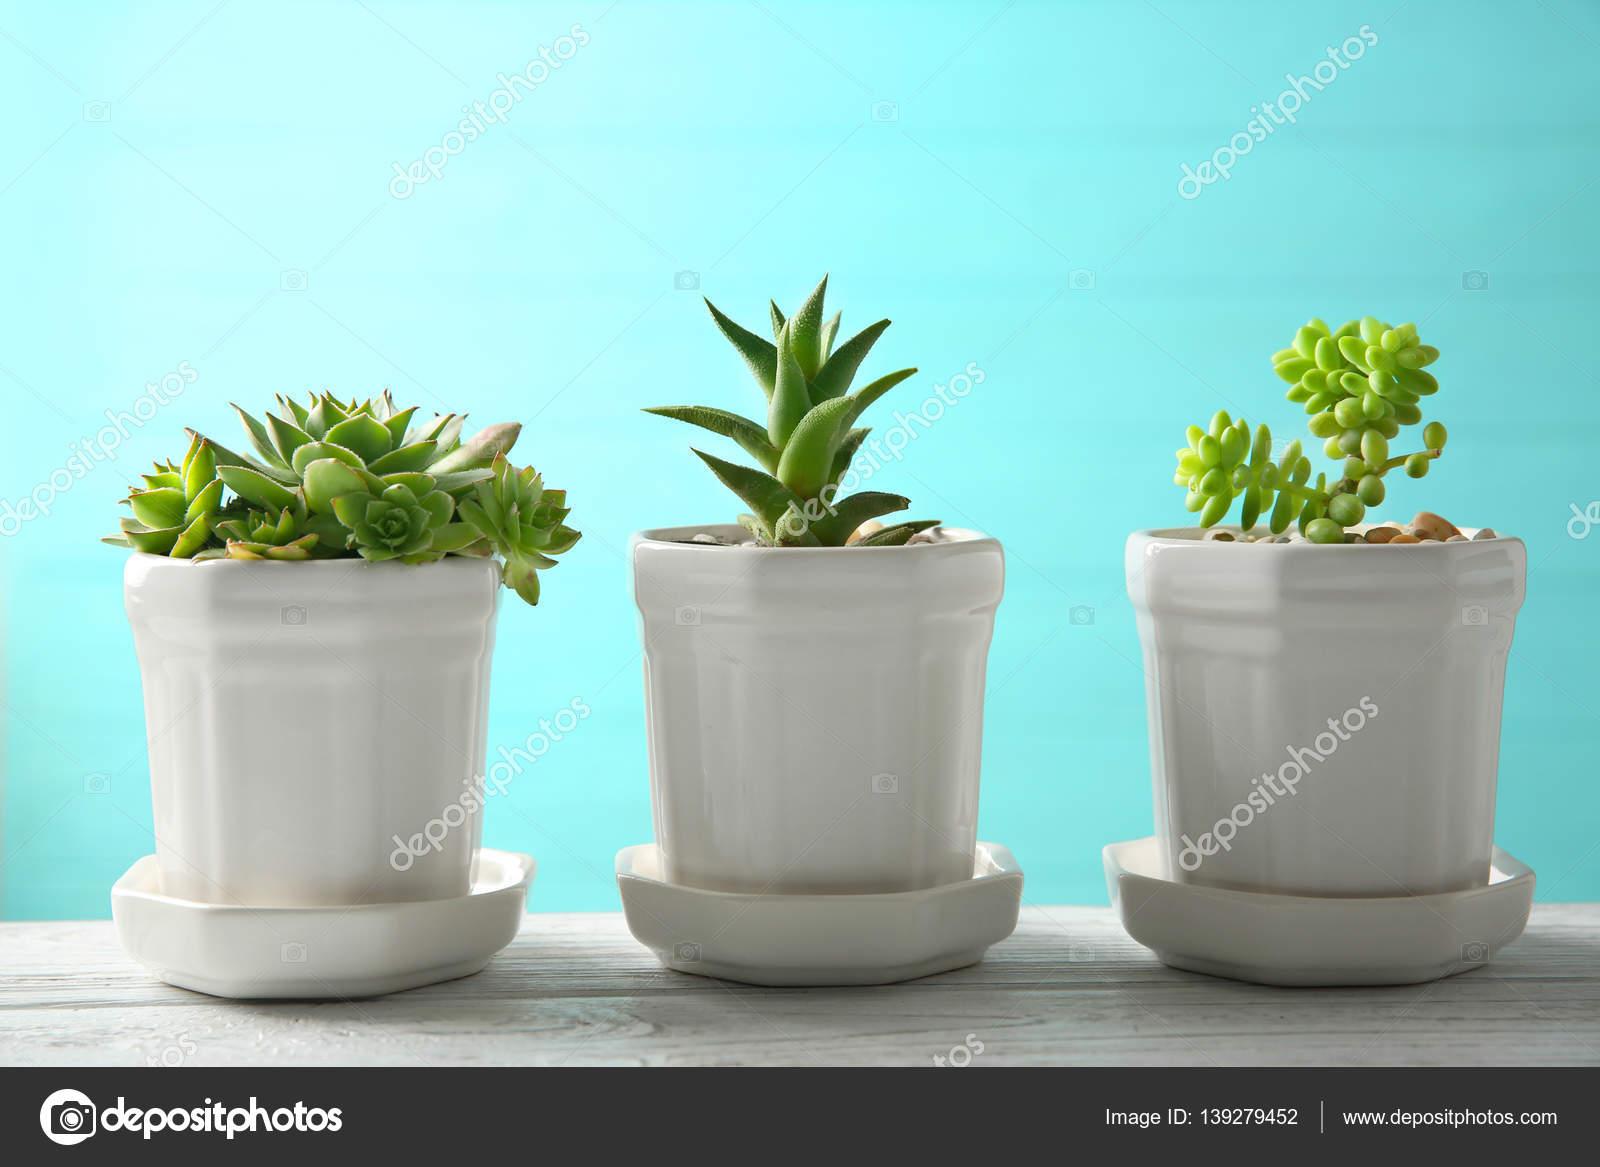 Vasi con piante grasse sulla tabella foto stock - Vasi con piante grasse ...